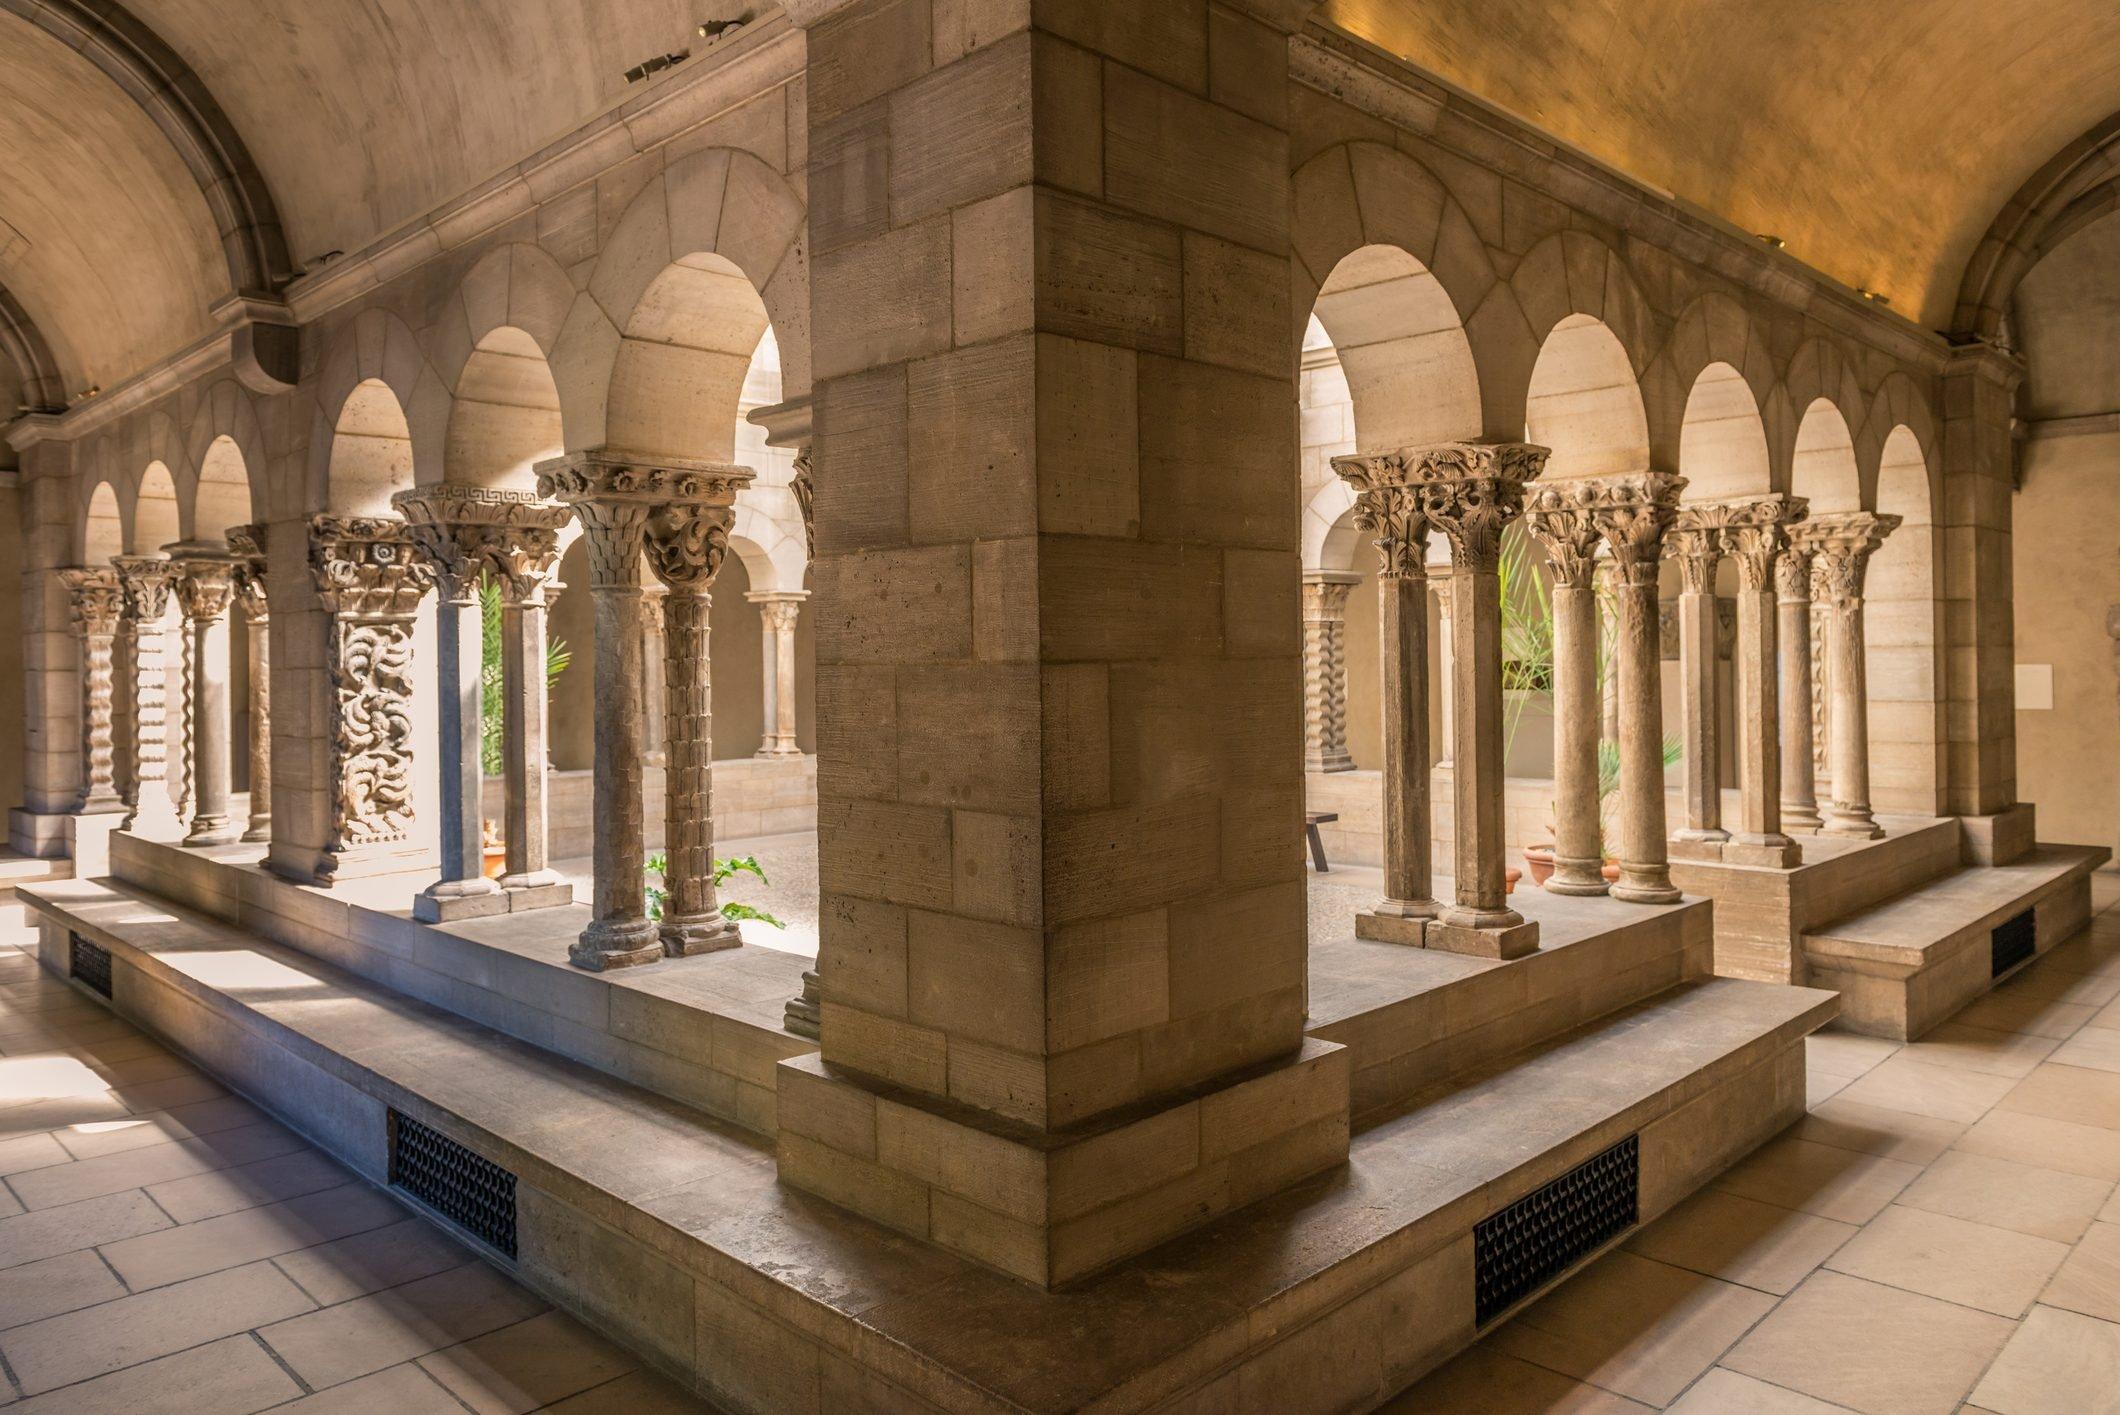 Cloister arch